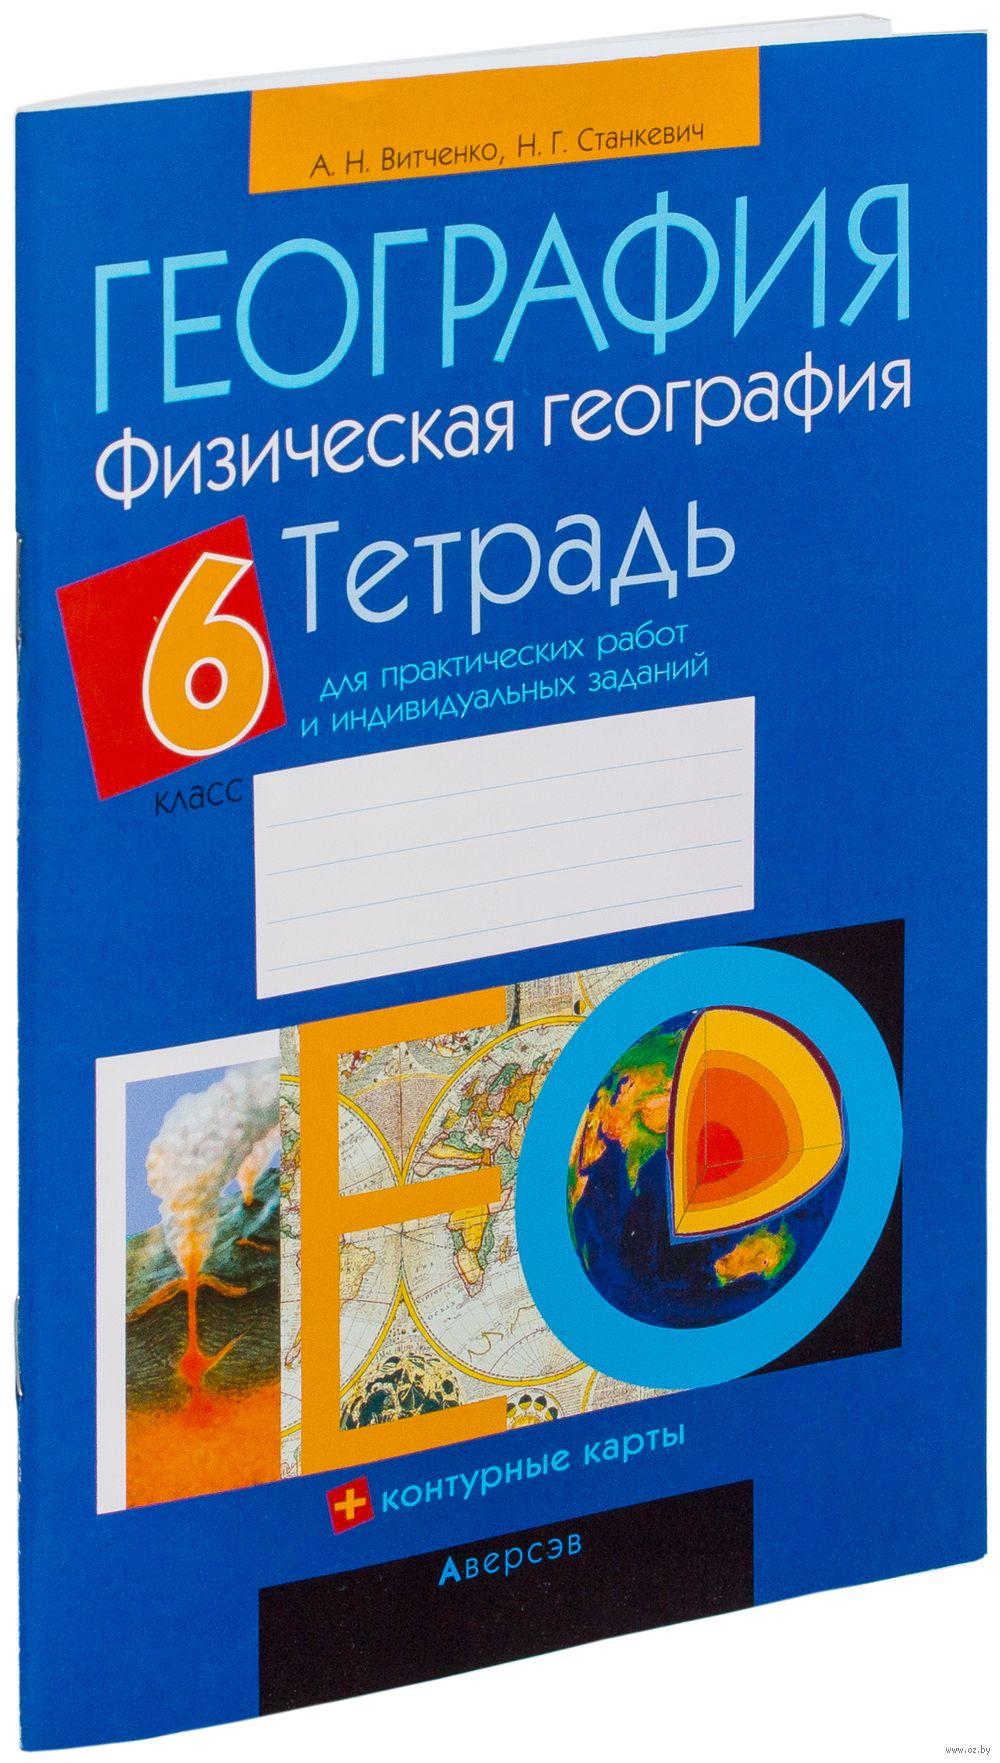 Комплексная работа ФГОС ООО 6 класс Ноябрь 2016 г